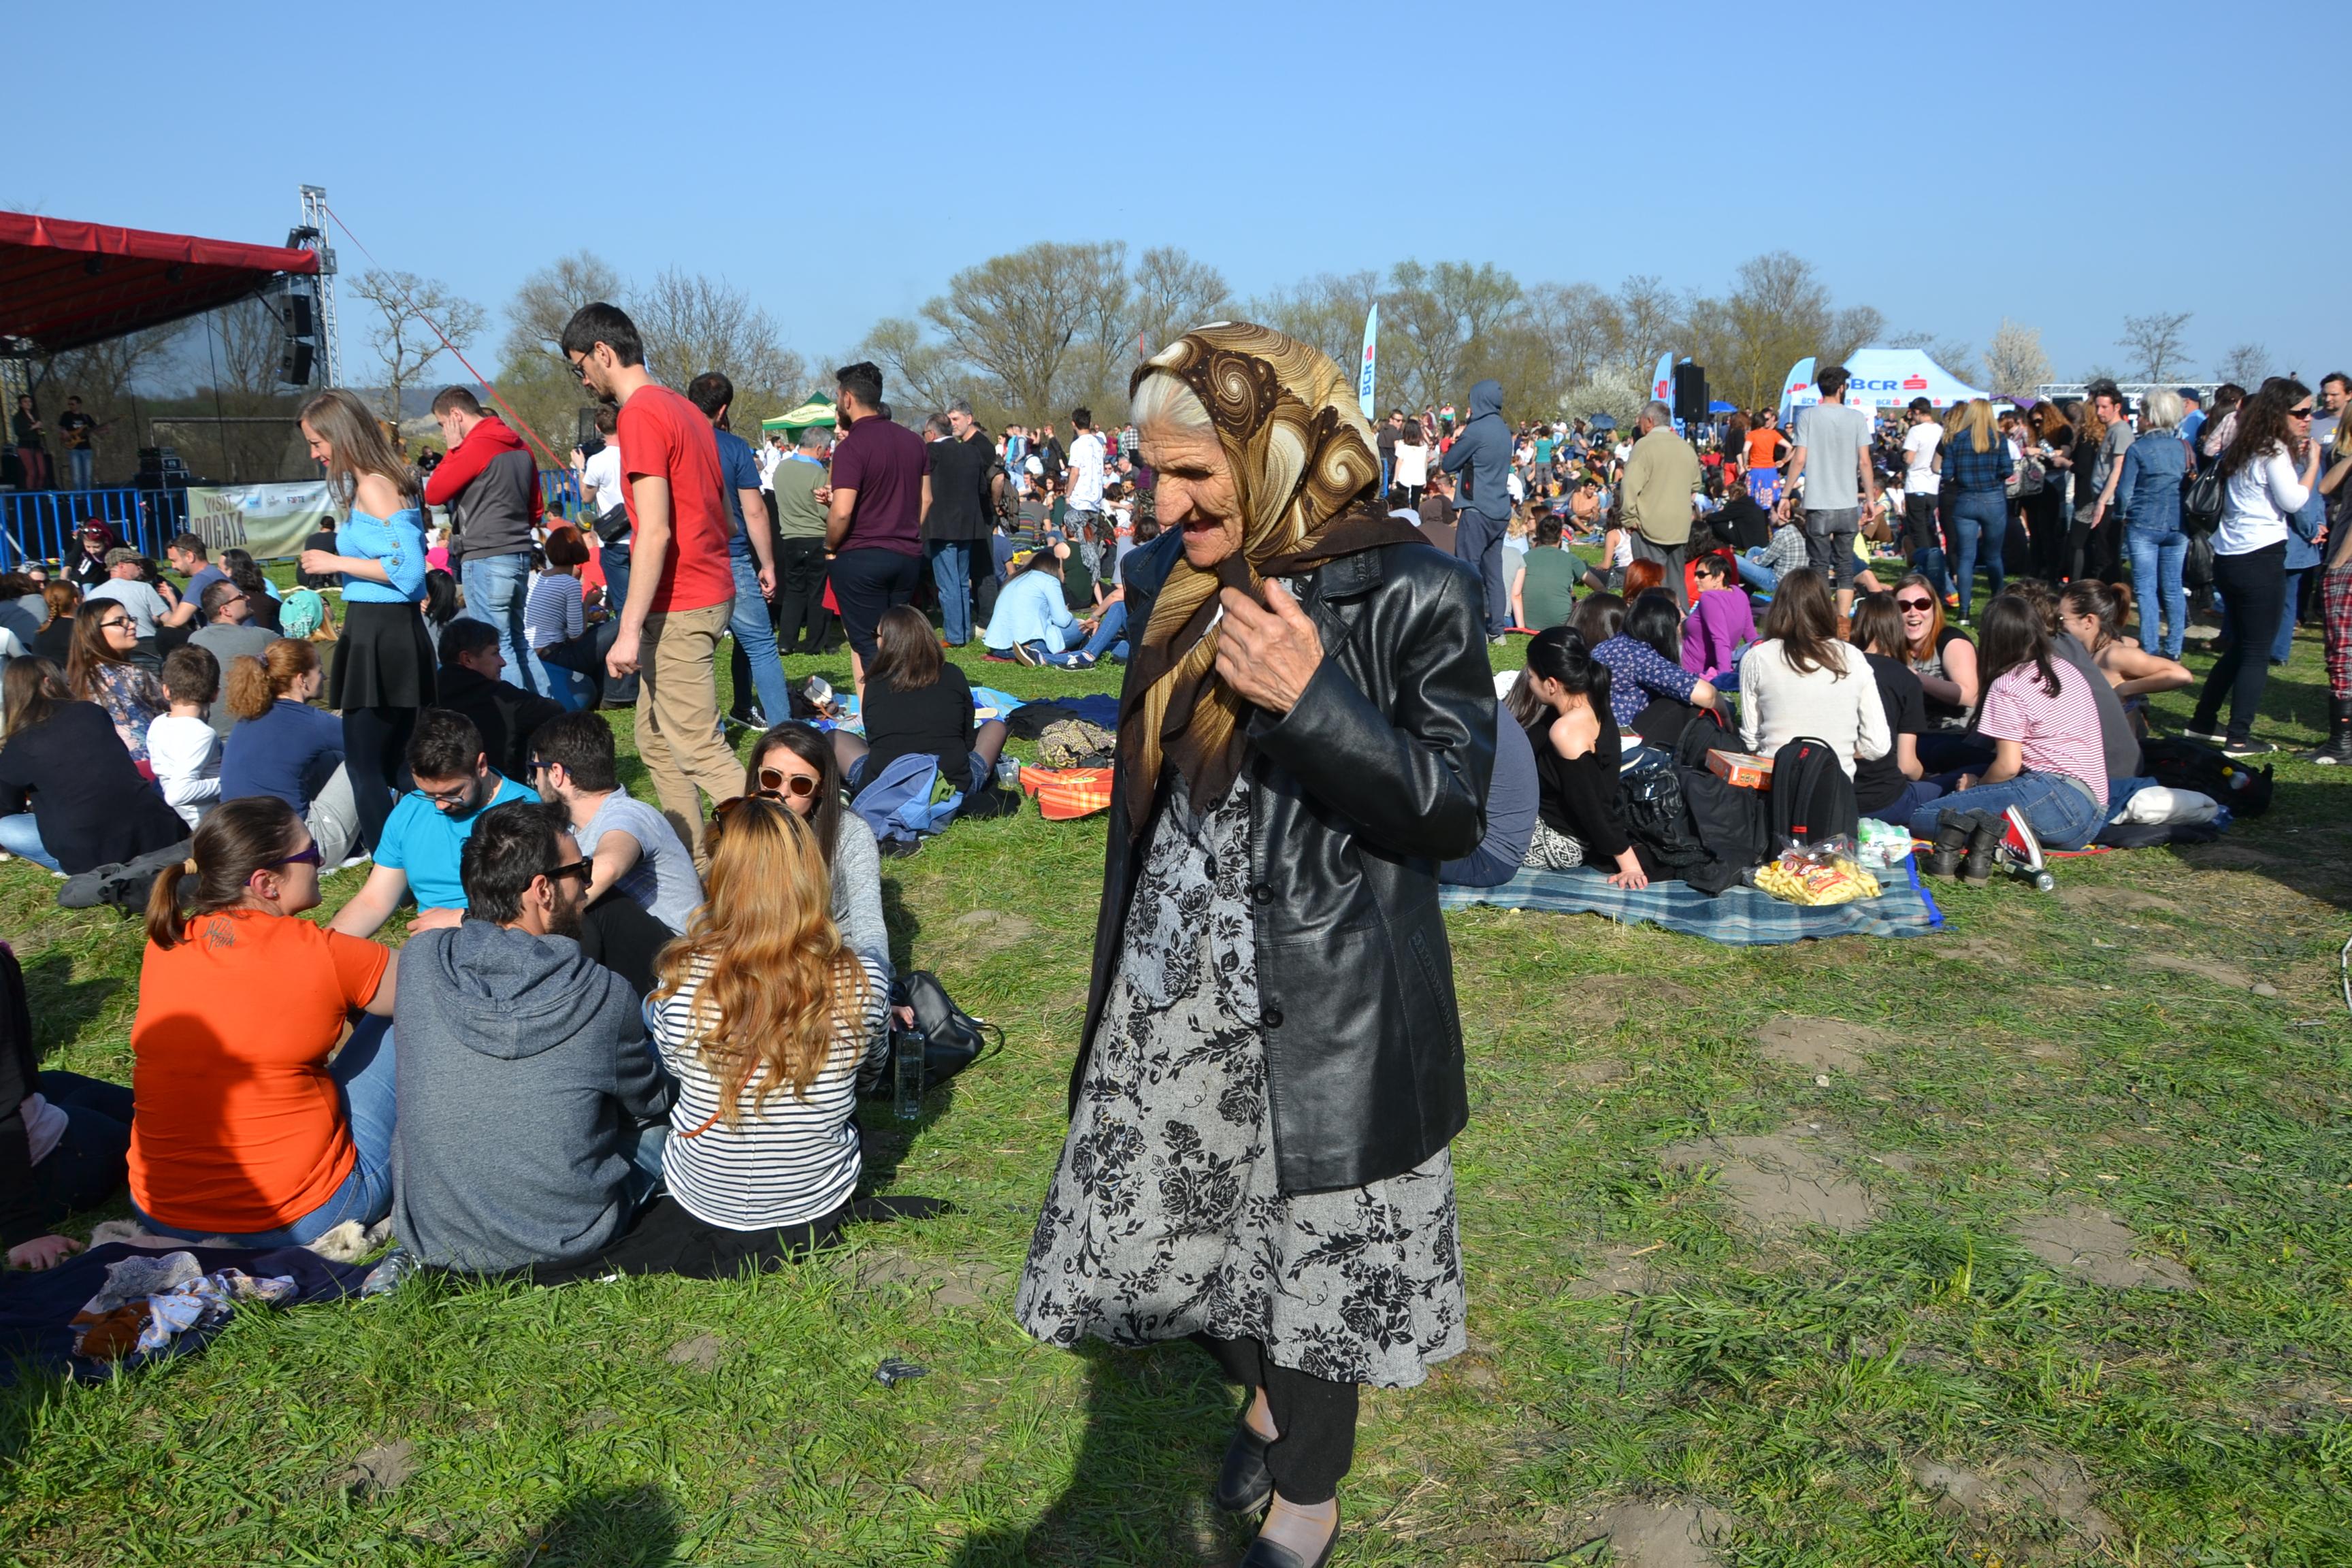 Nici localnicii nu au lipsit de la festival. Dacă unii au venit doar să ia pulsul evenimentului, alții au rămas până aproape de final / Foto: Maria Man